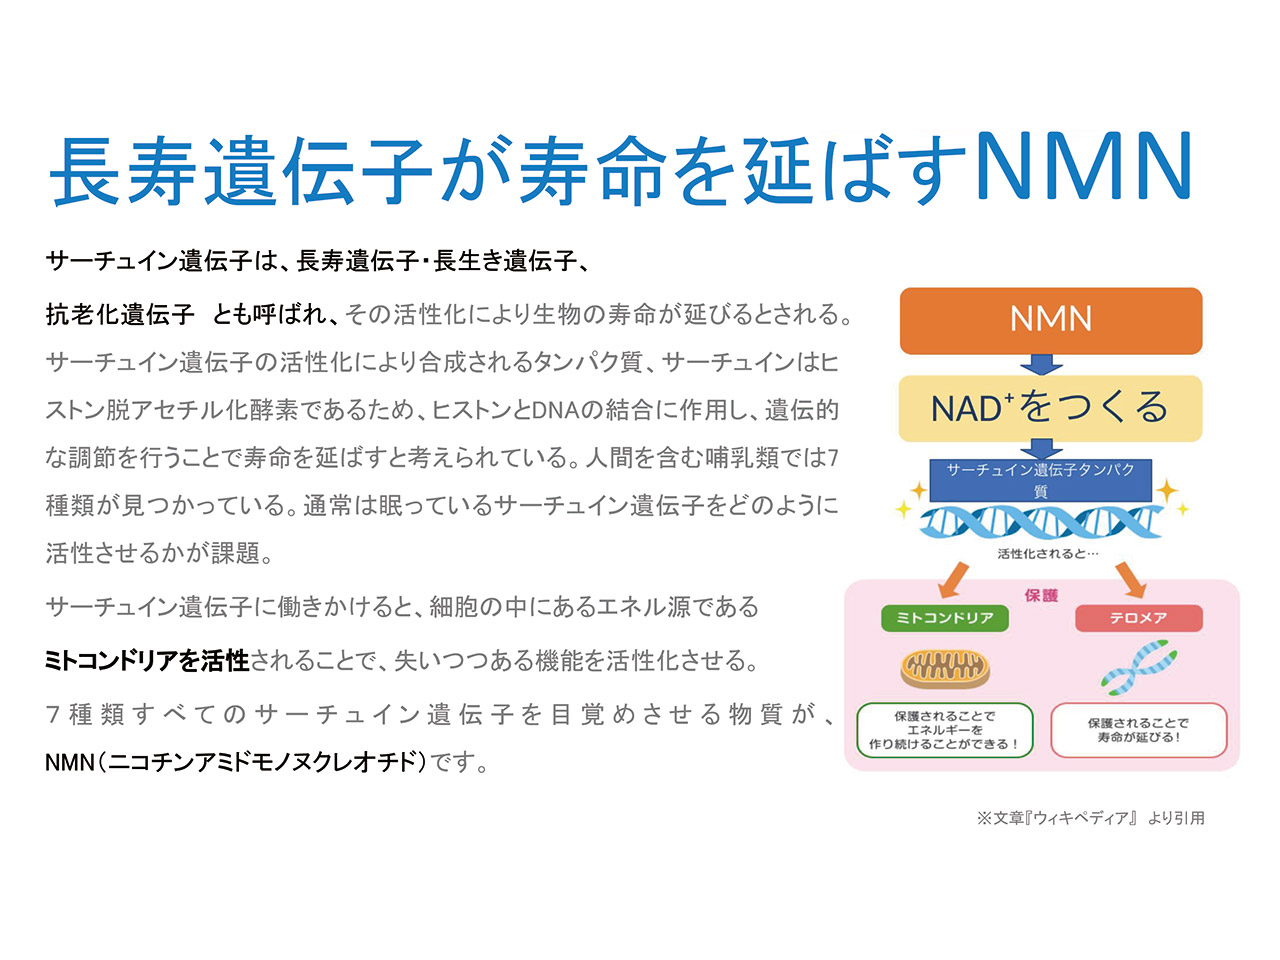 長寿遺伝子が寿命を延ばすNMN